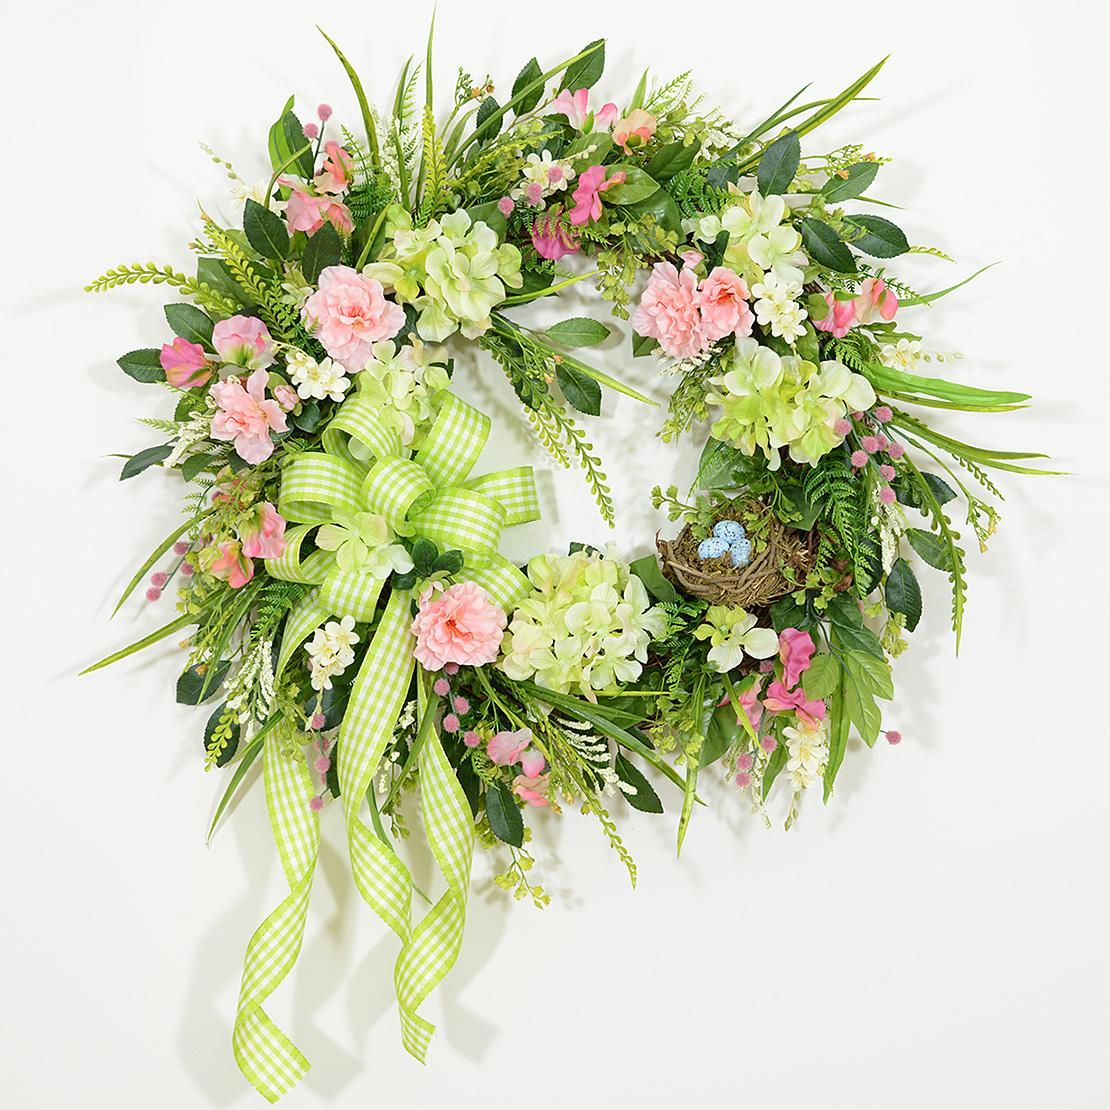 Enchanted Garden Wreath